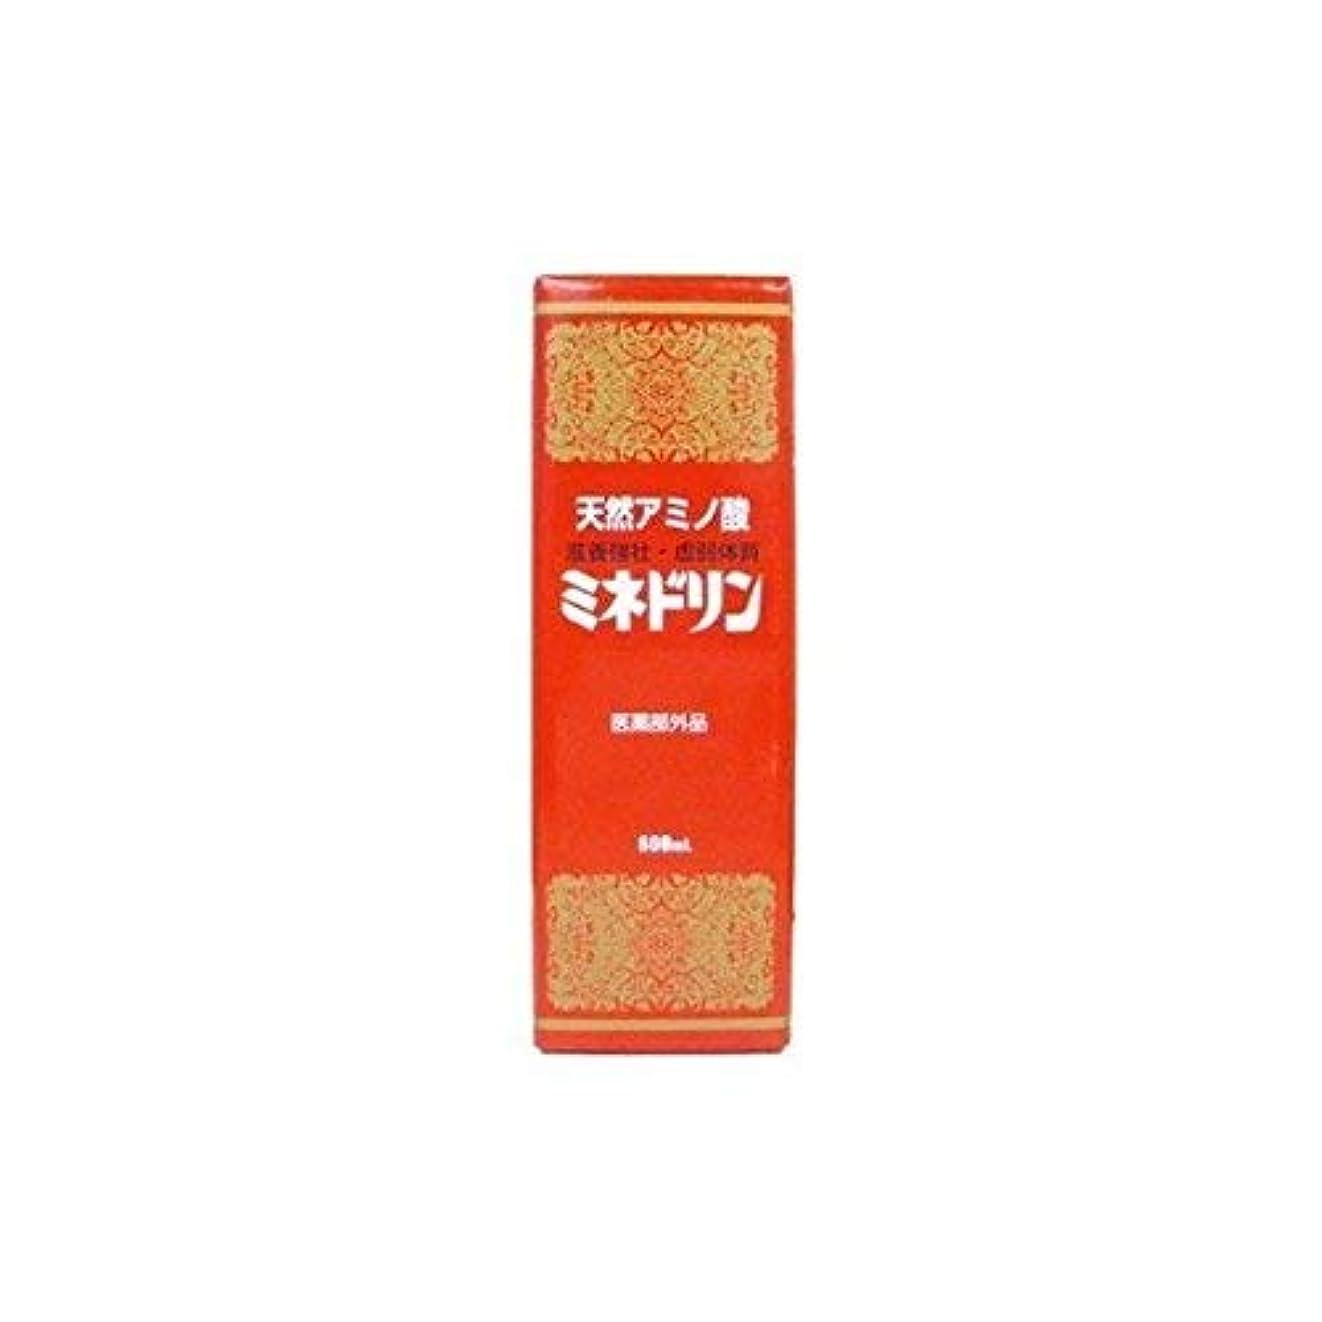 に慣れコーナー合図伊丹製薬 ミネドリン 600ml ×12本